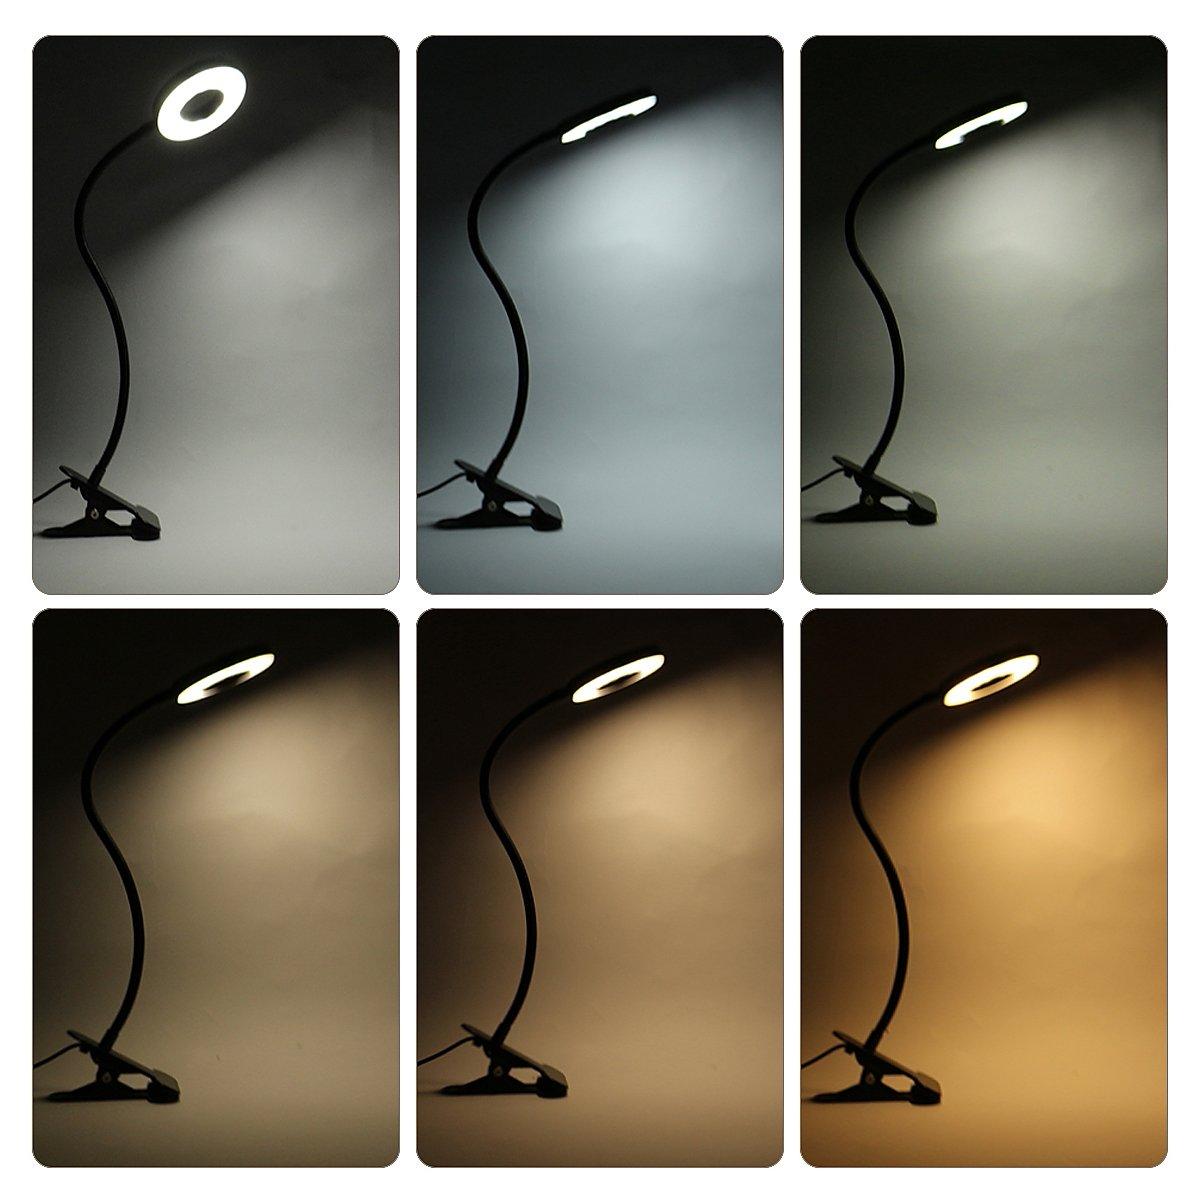 Kernorv Clip on Light/Reading Lights, 5W LED USB Dimmable 5 Color Modes Clip on Light Adjustable Brightness Portable Bed Reading Light Clip Lights for Bed Desk Headboard by Kernorv (Image #3)